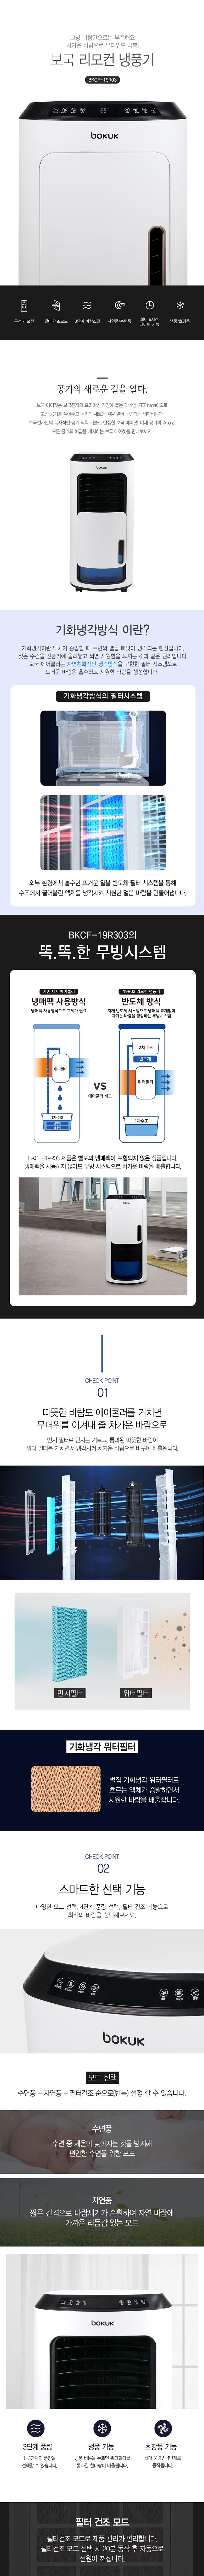 보국전자 BKCF-19R03 리모컨 냉풍기 이동식 에어쿨러1.jpg